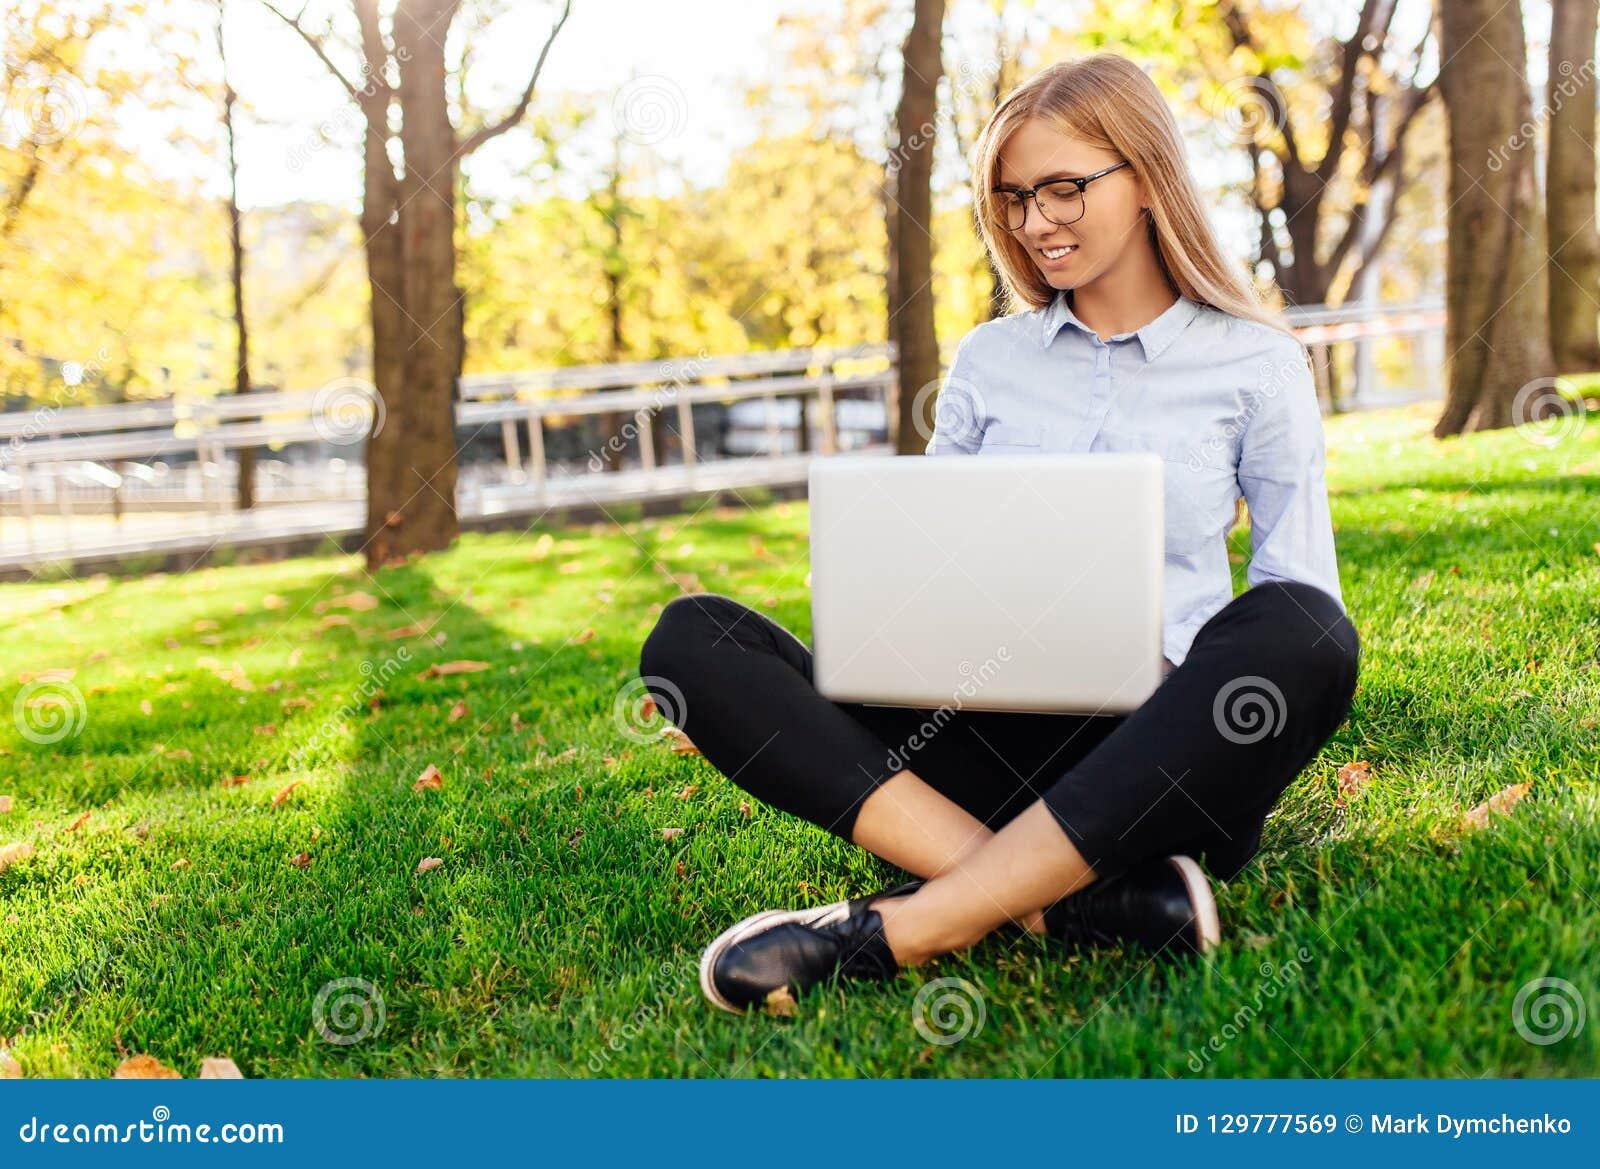 一个年轻惊人的夫人的图象,坐在公园,使用手提电脑,坐绿色草坪